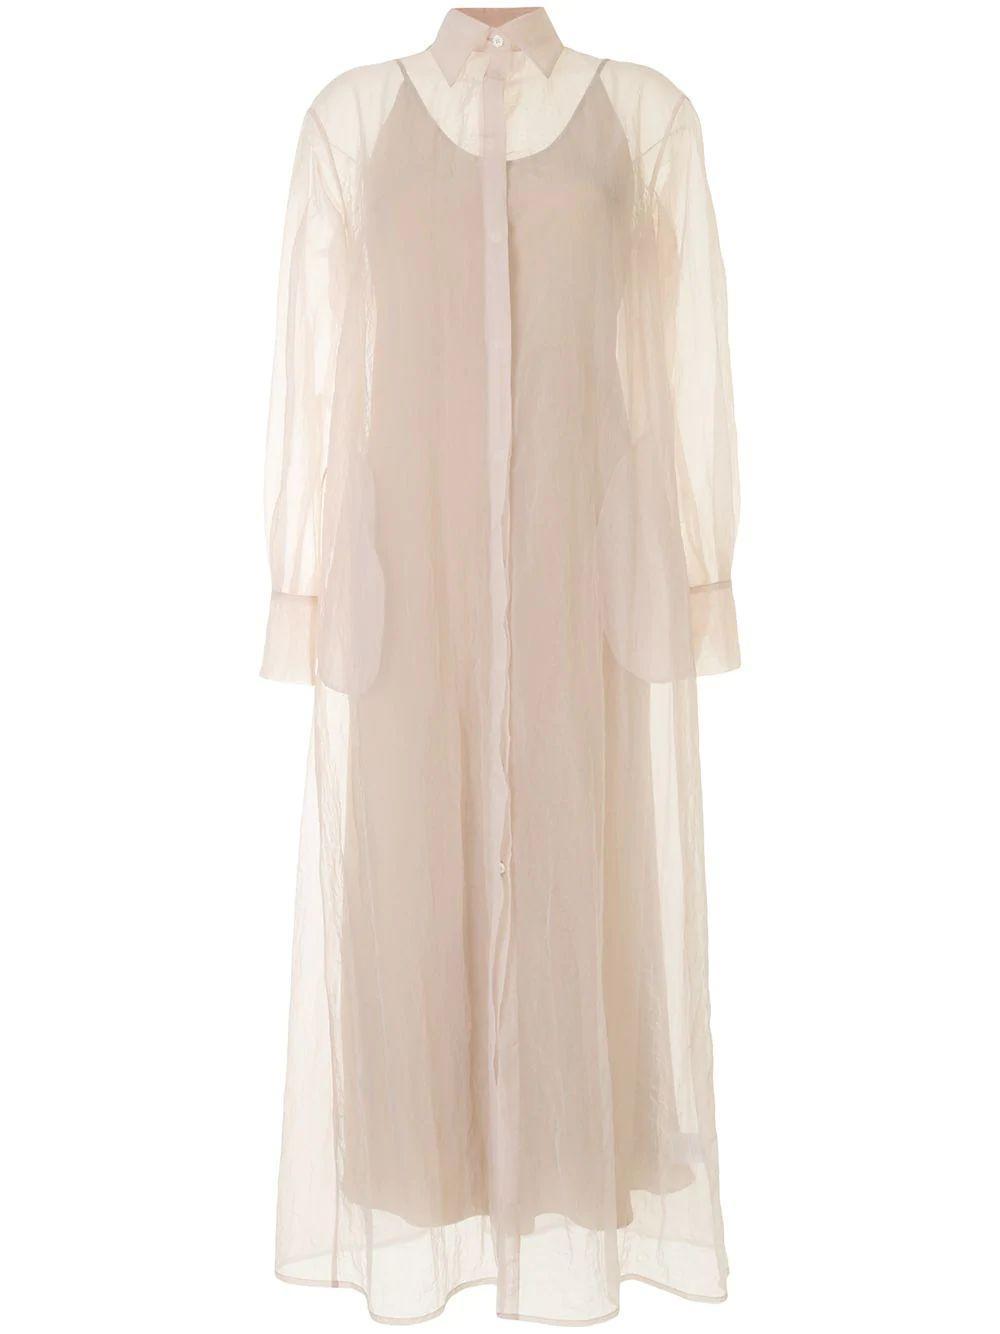 Daniella Organza Dress Item # 1081 03 138 0600